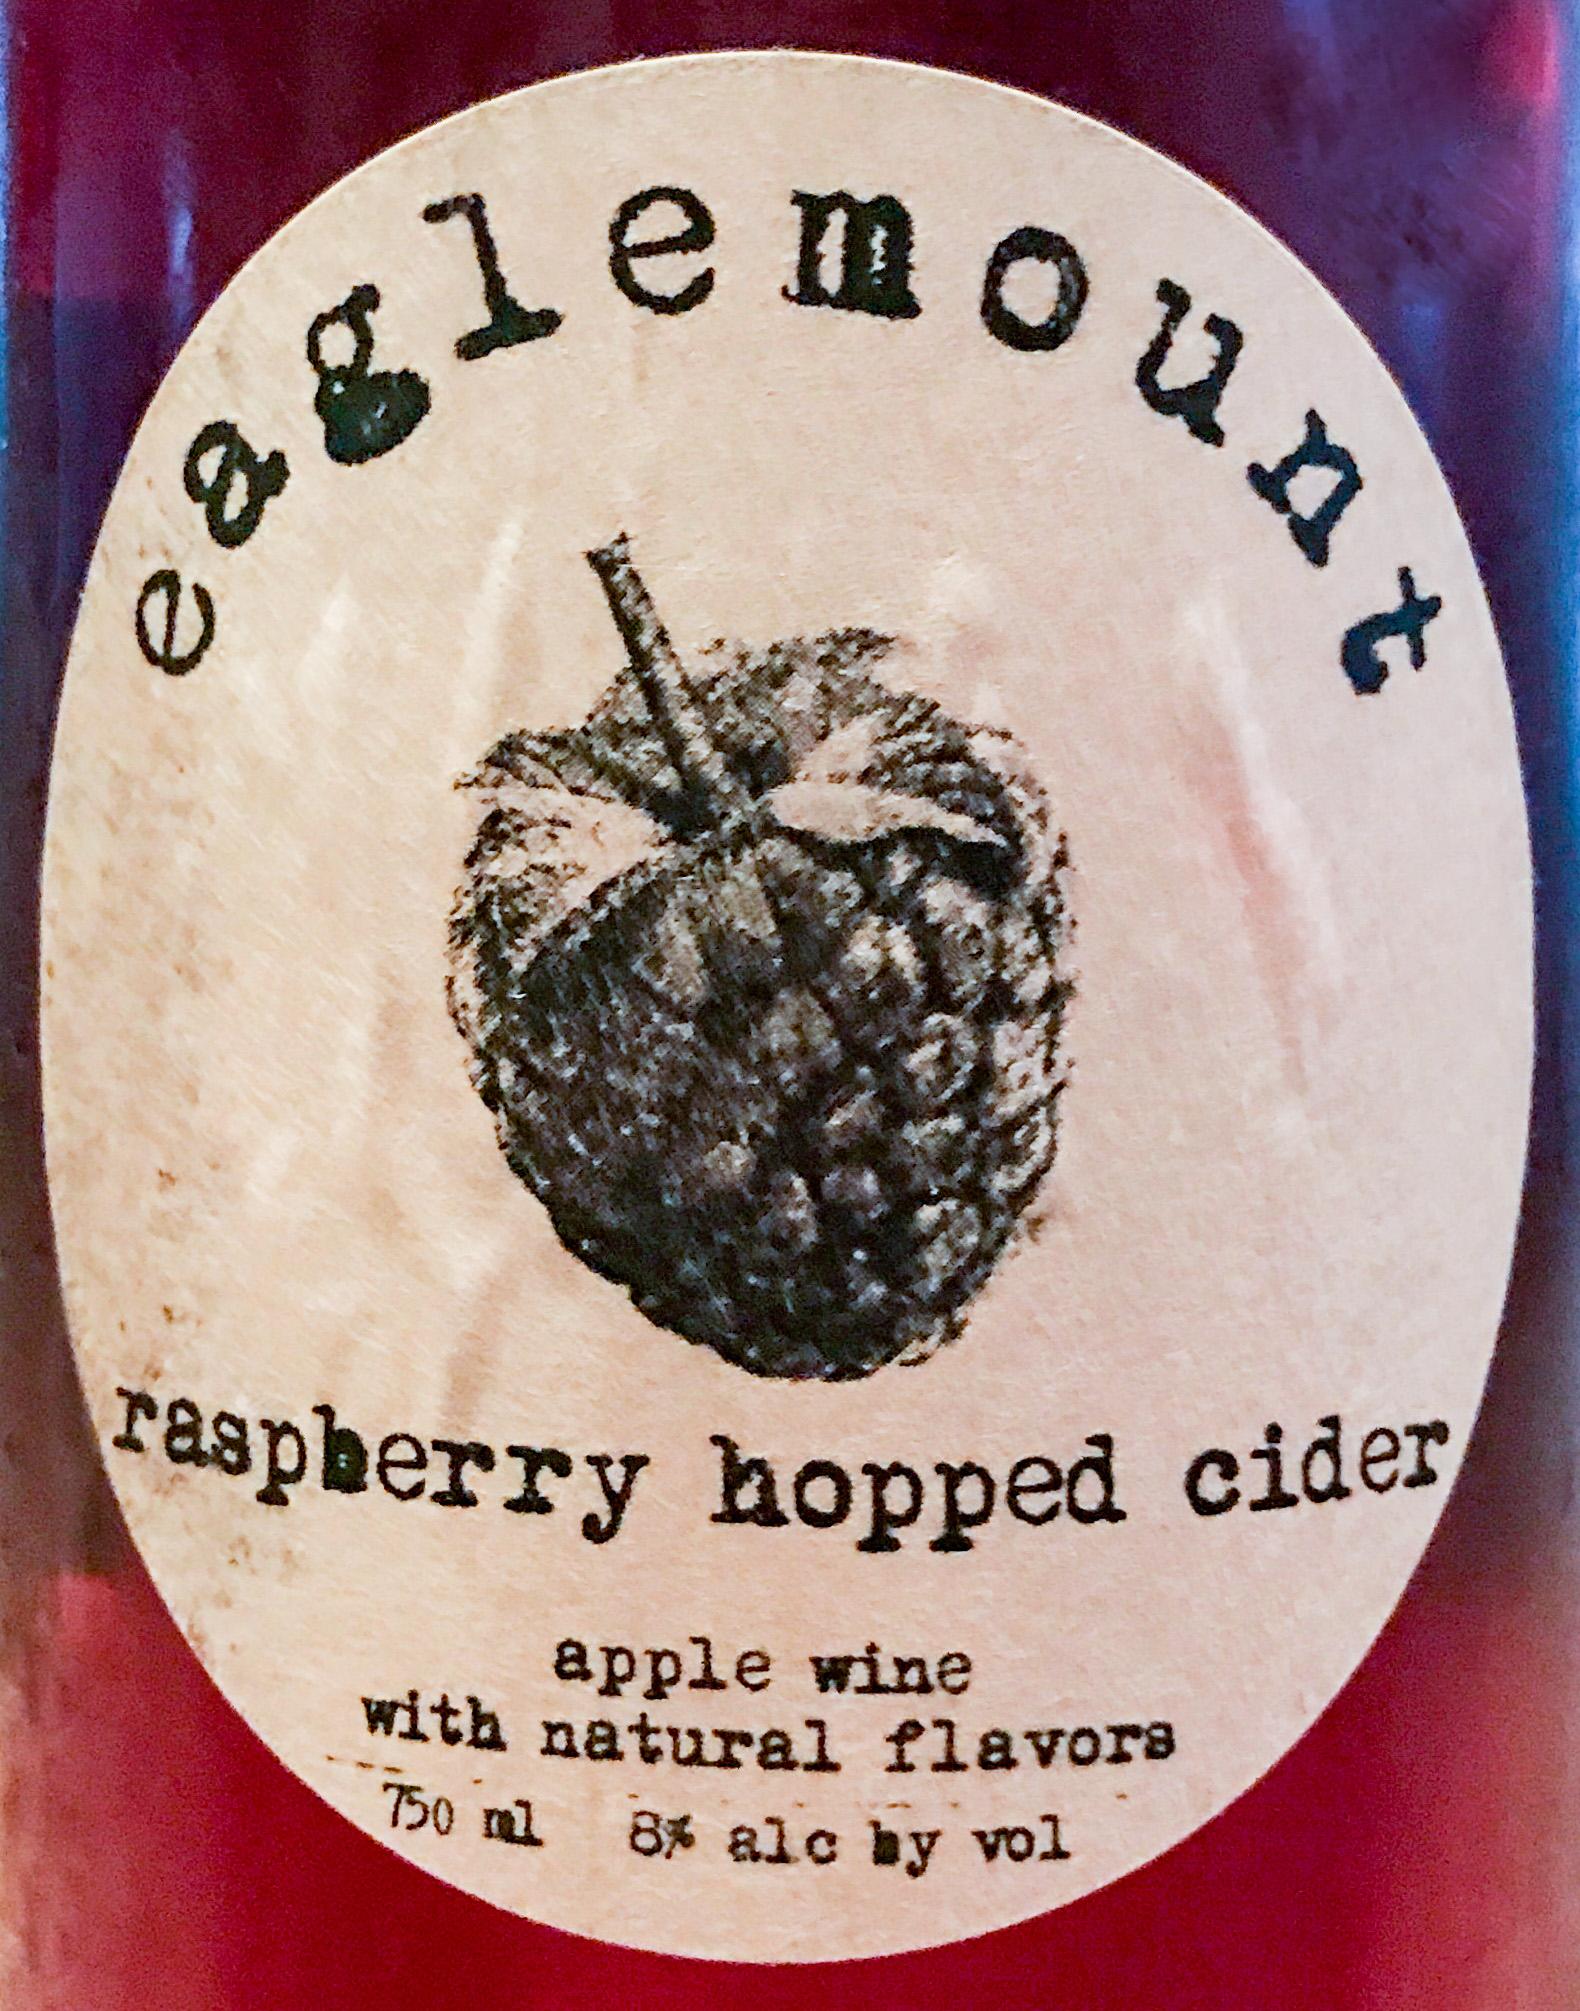 eaglemount | The West Cider